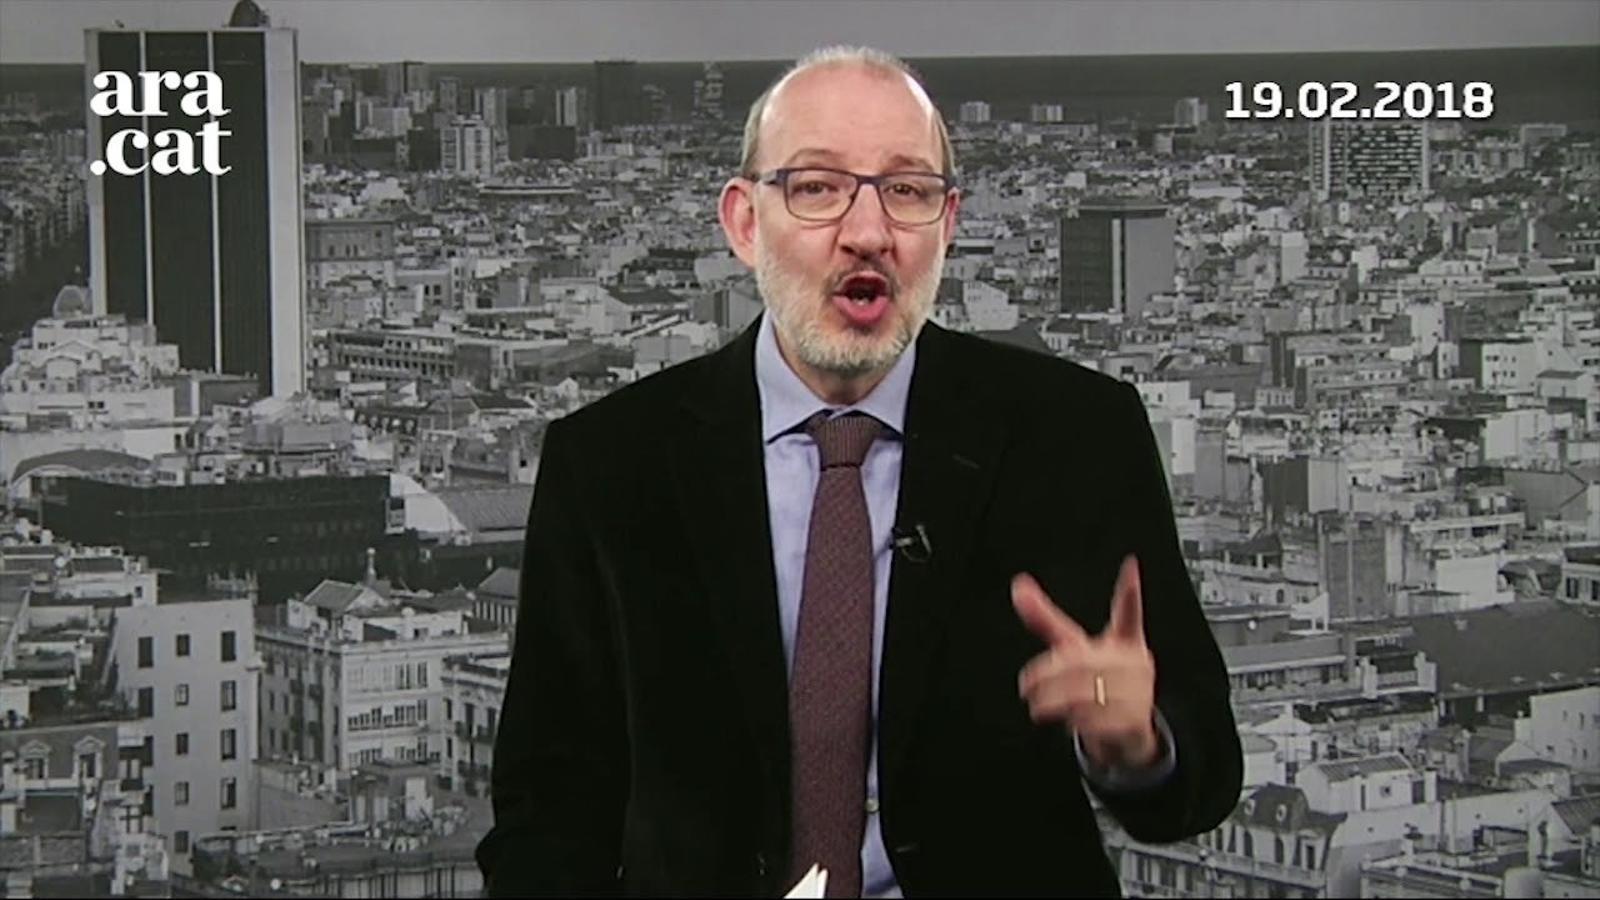 El análisis de Antoni Bassas: 'Algo que tal vez no les han contado sobre el catalán'